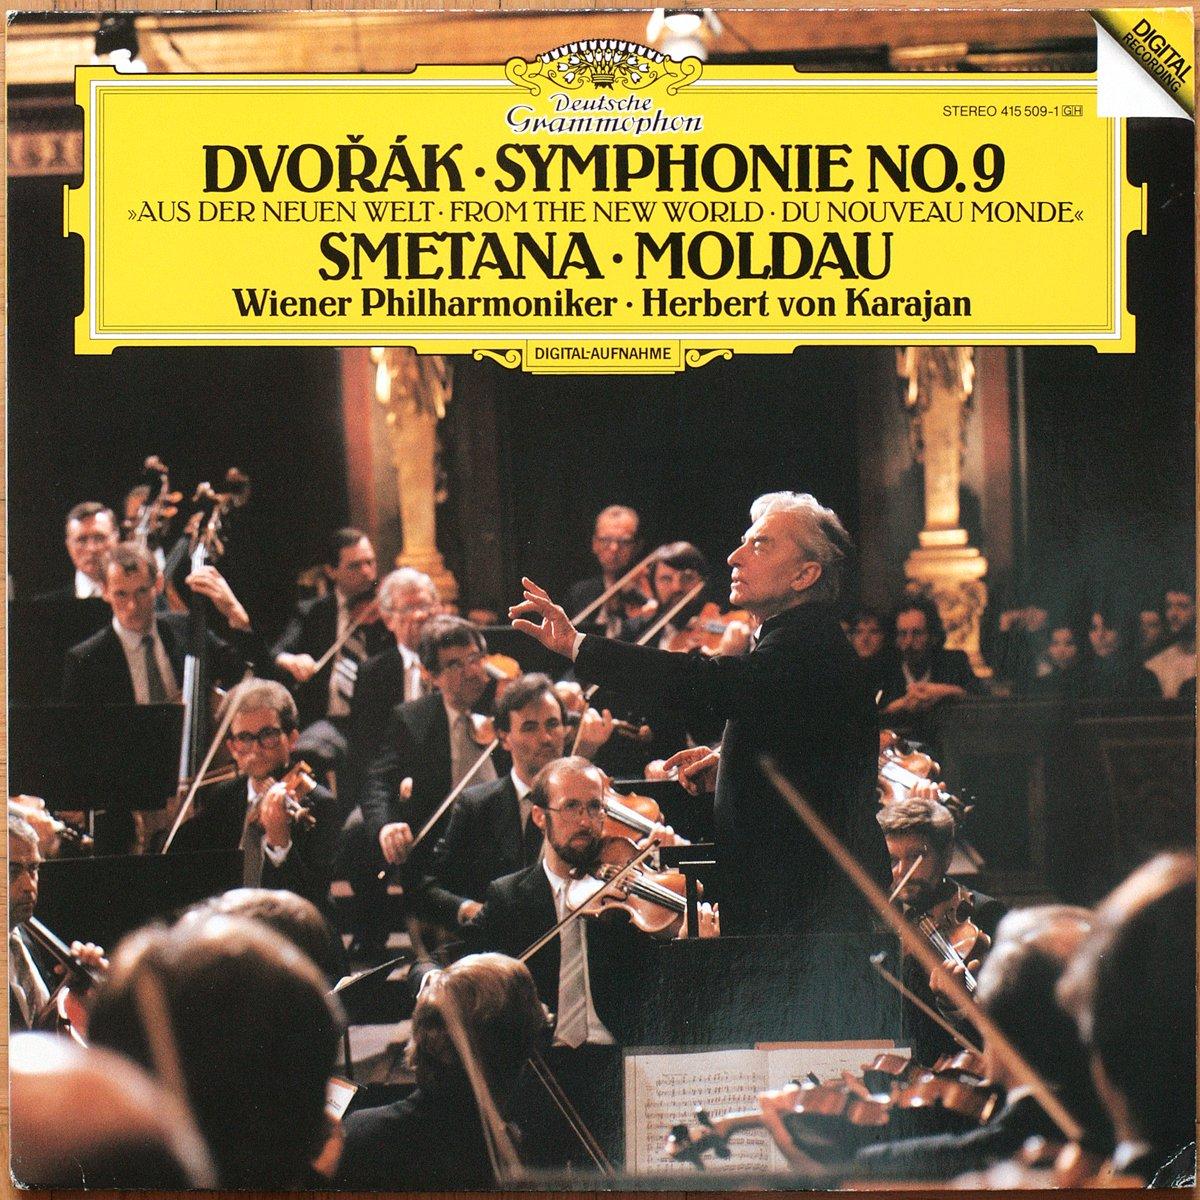 DGG 415 509 Dvorak Symphonie 9 Smetana Moldau KarajanDGG Digital Aufnahme